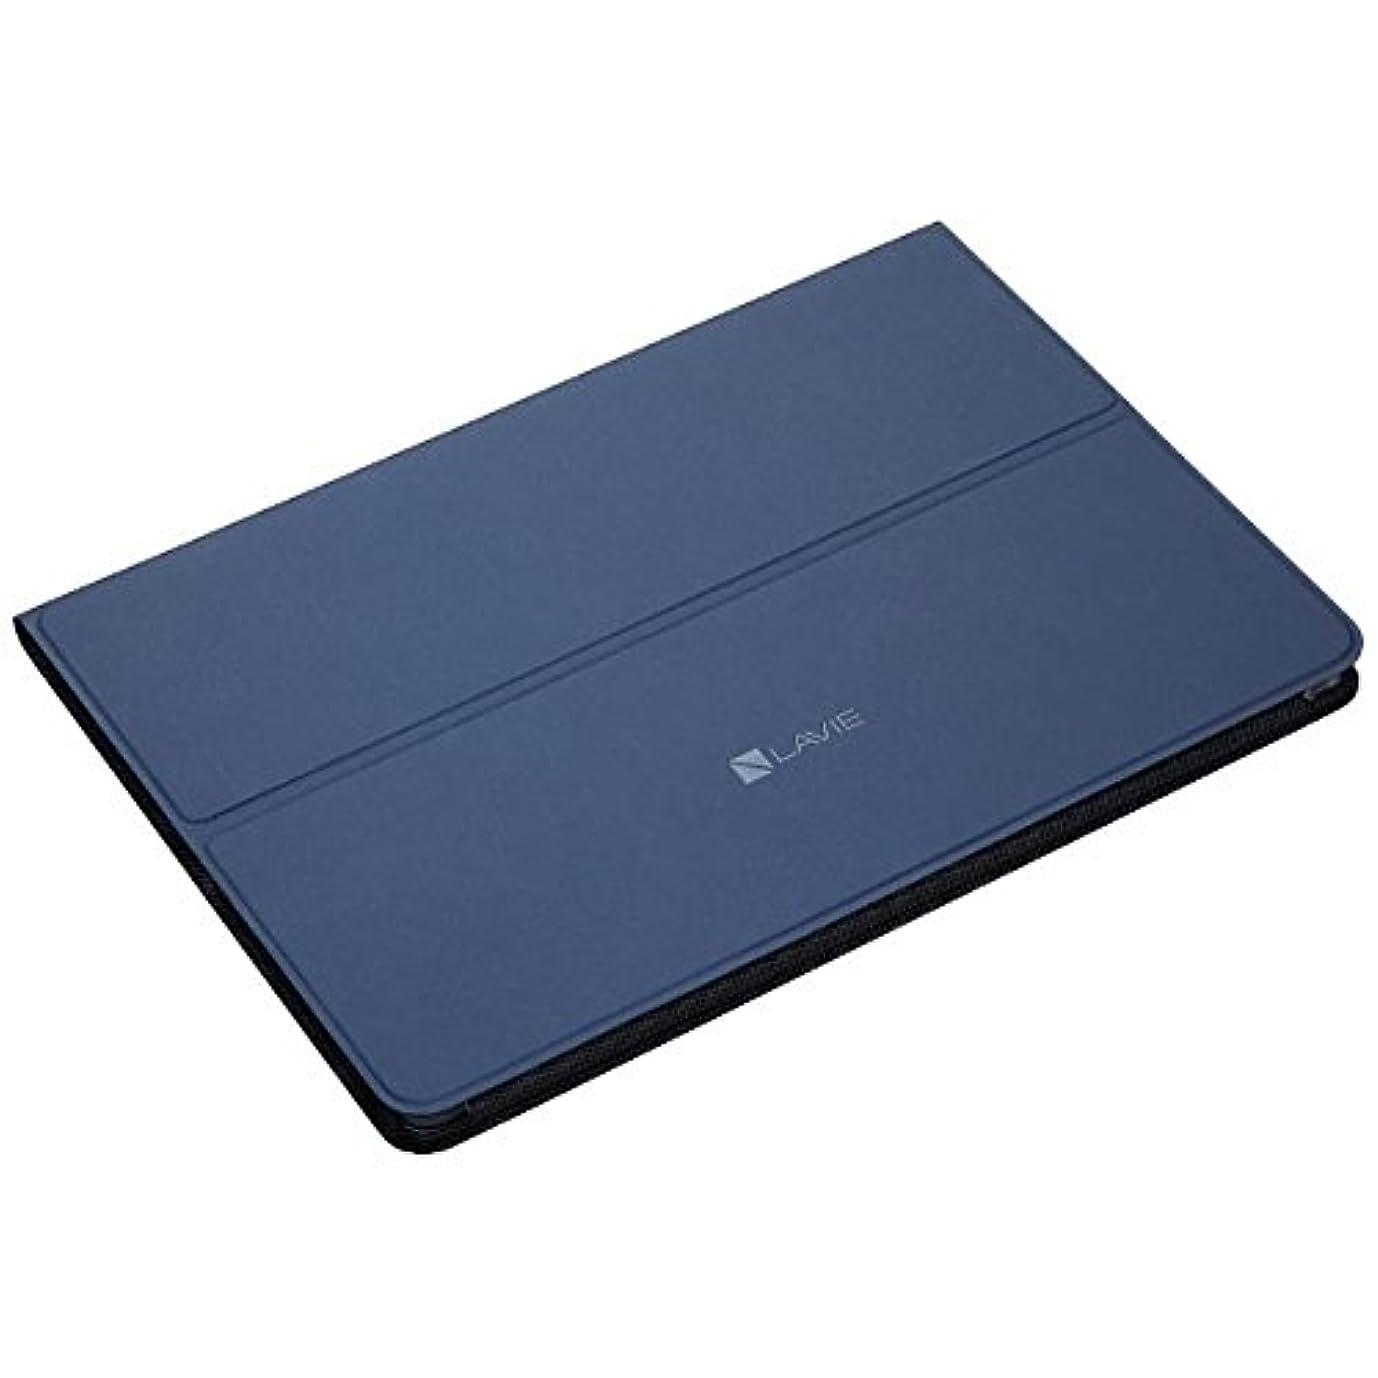 存在する休眠人NEC PC-TE510HAW用 カバー&保護フィルム PC-AC-AD010C